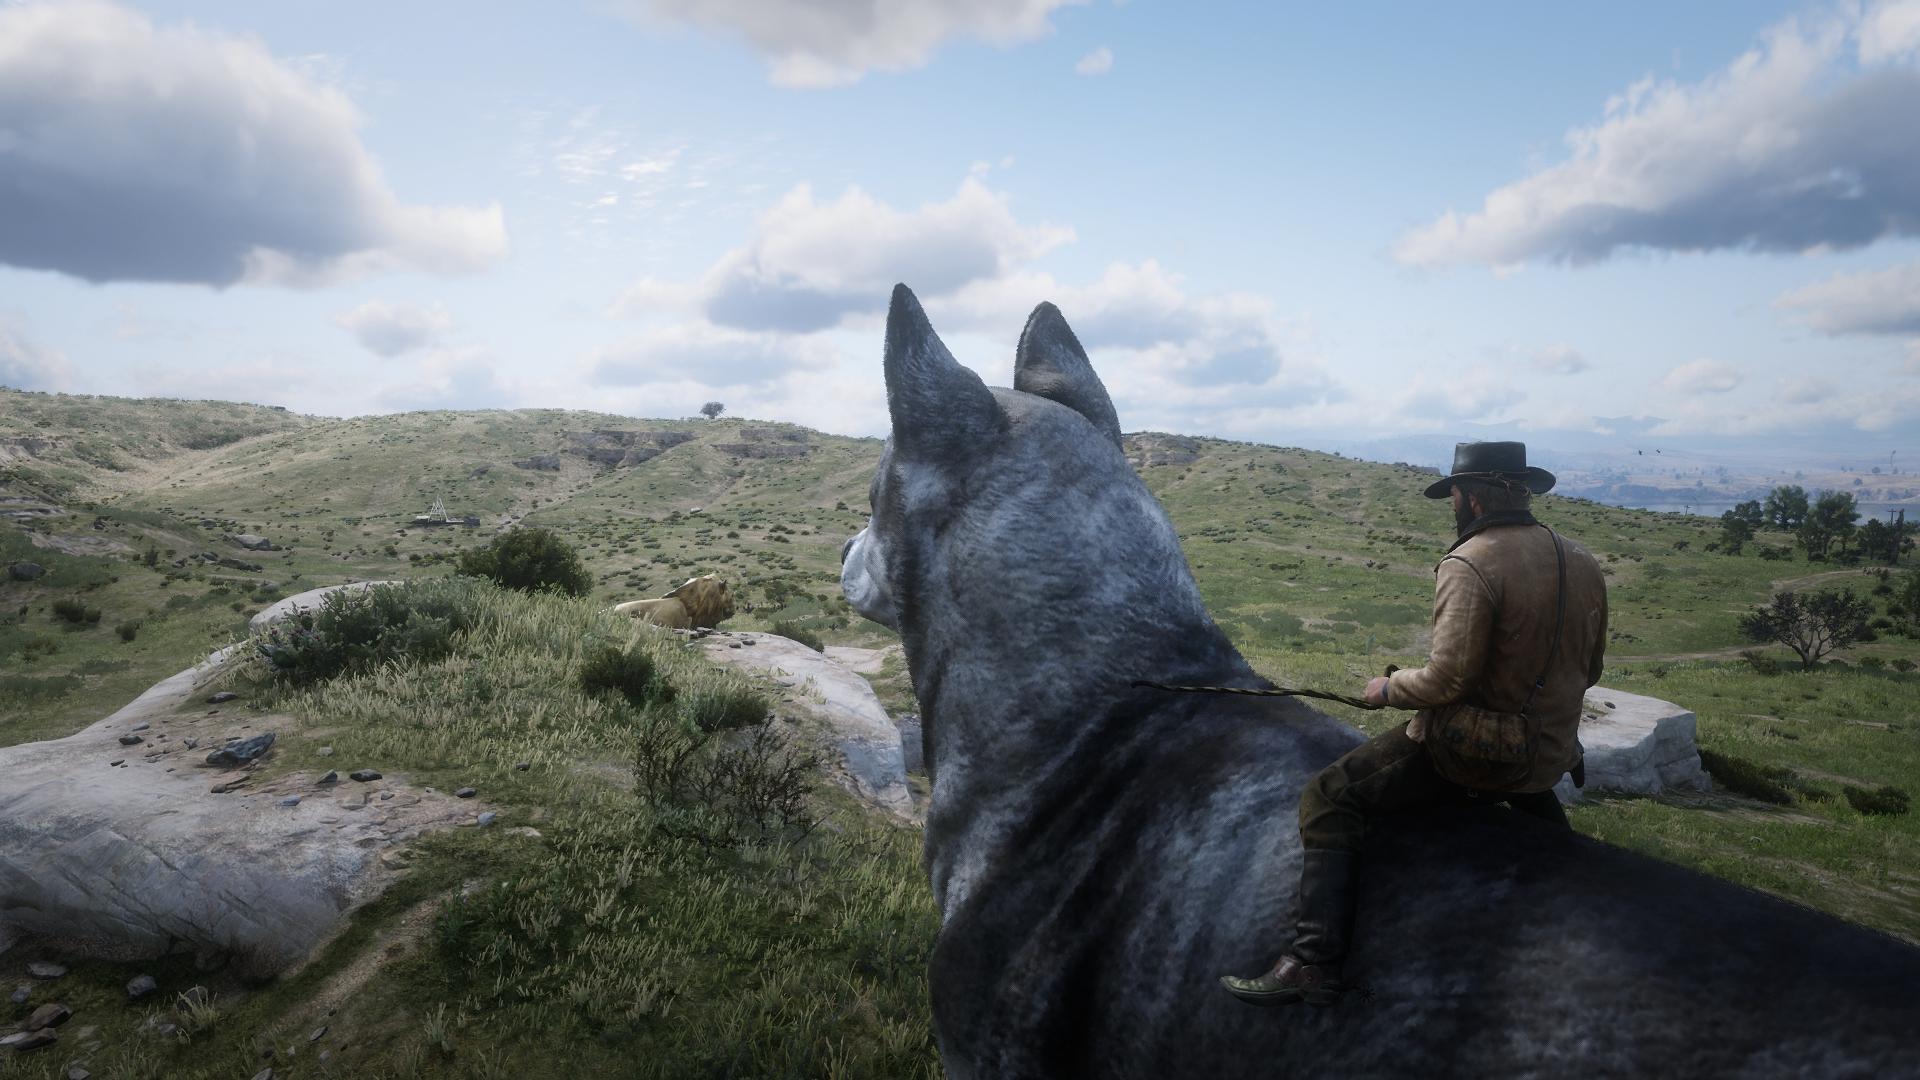 《荒野大镖客2》坐骑MOD太拉风 大猫大狗都能骑